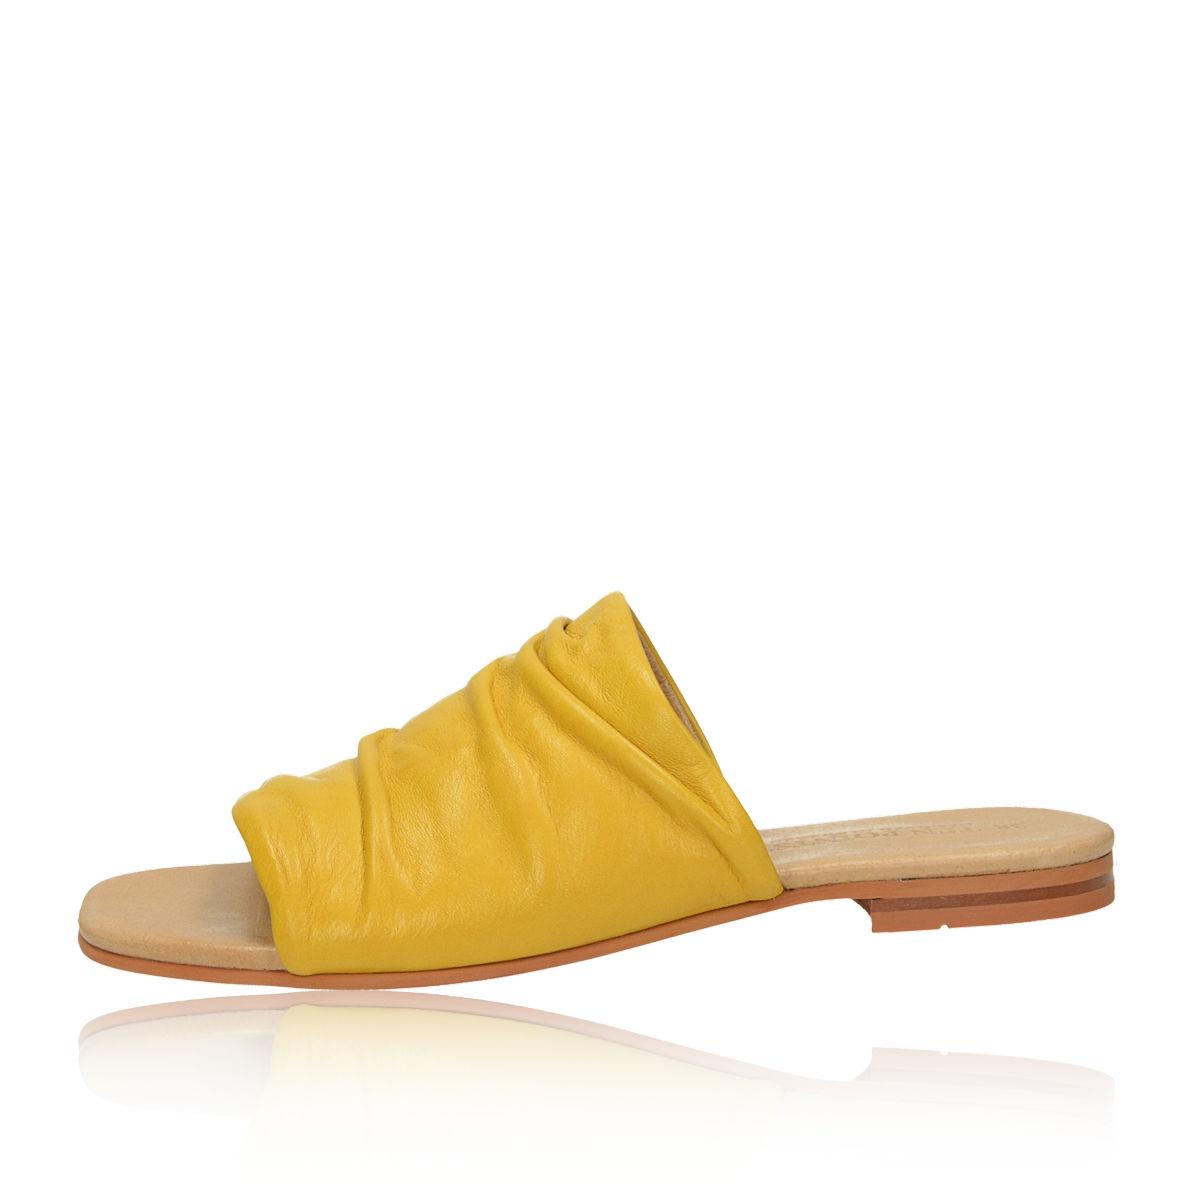 54e1d8e281 ... Ten Points dámske kožené štýlové šľapky - žlté ...